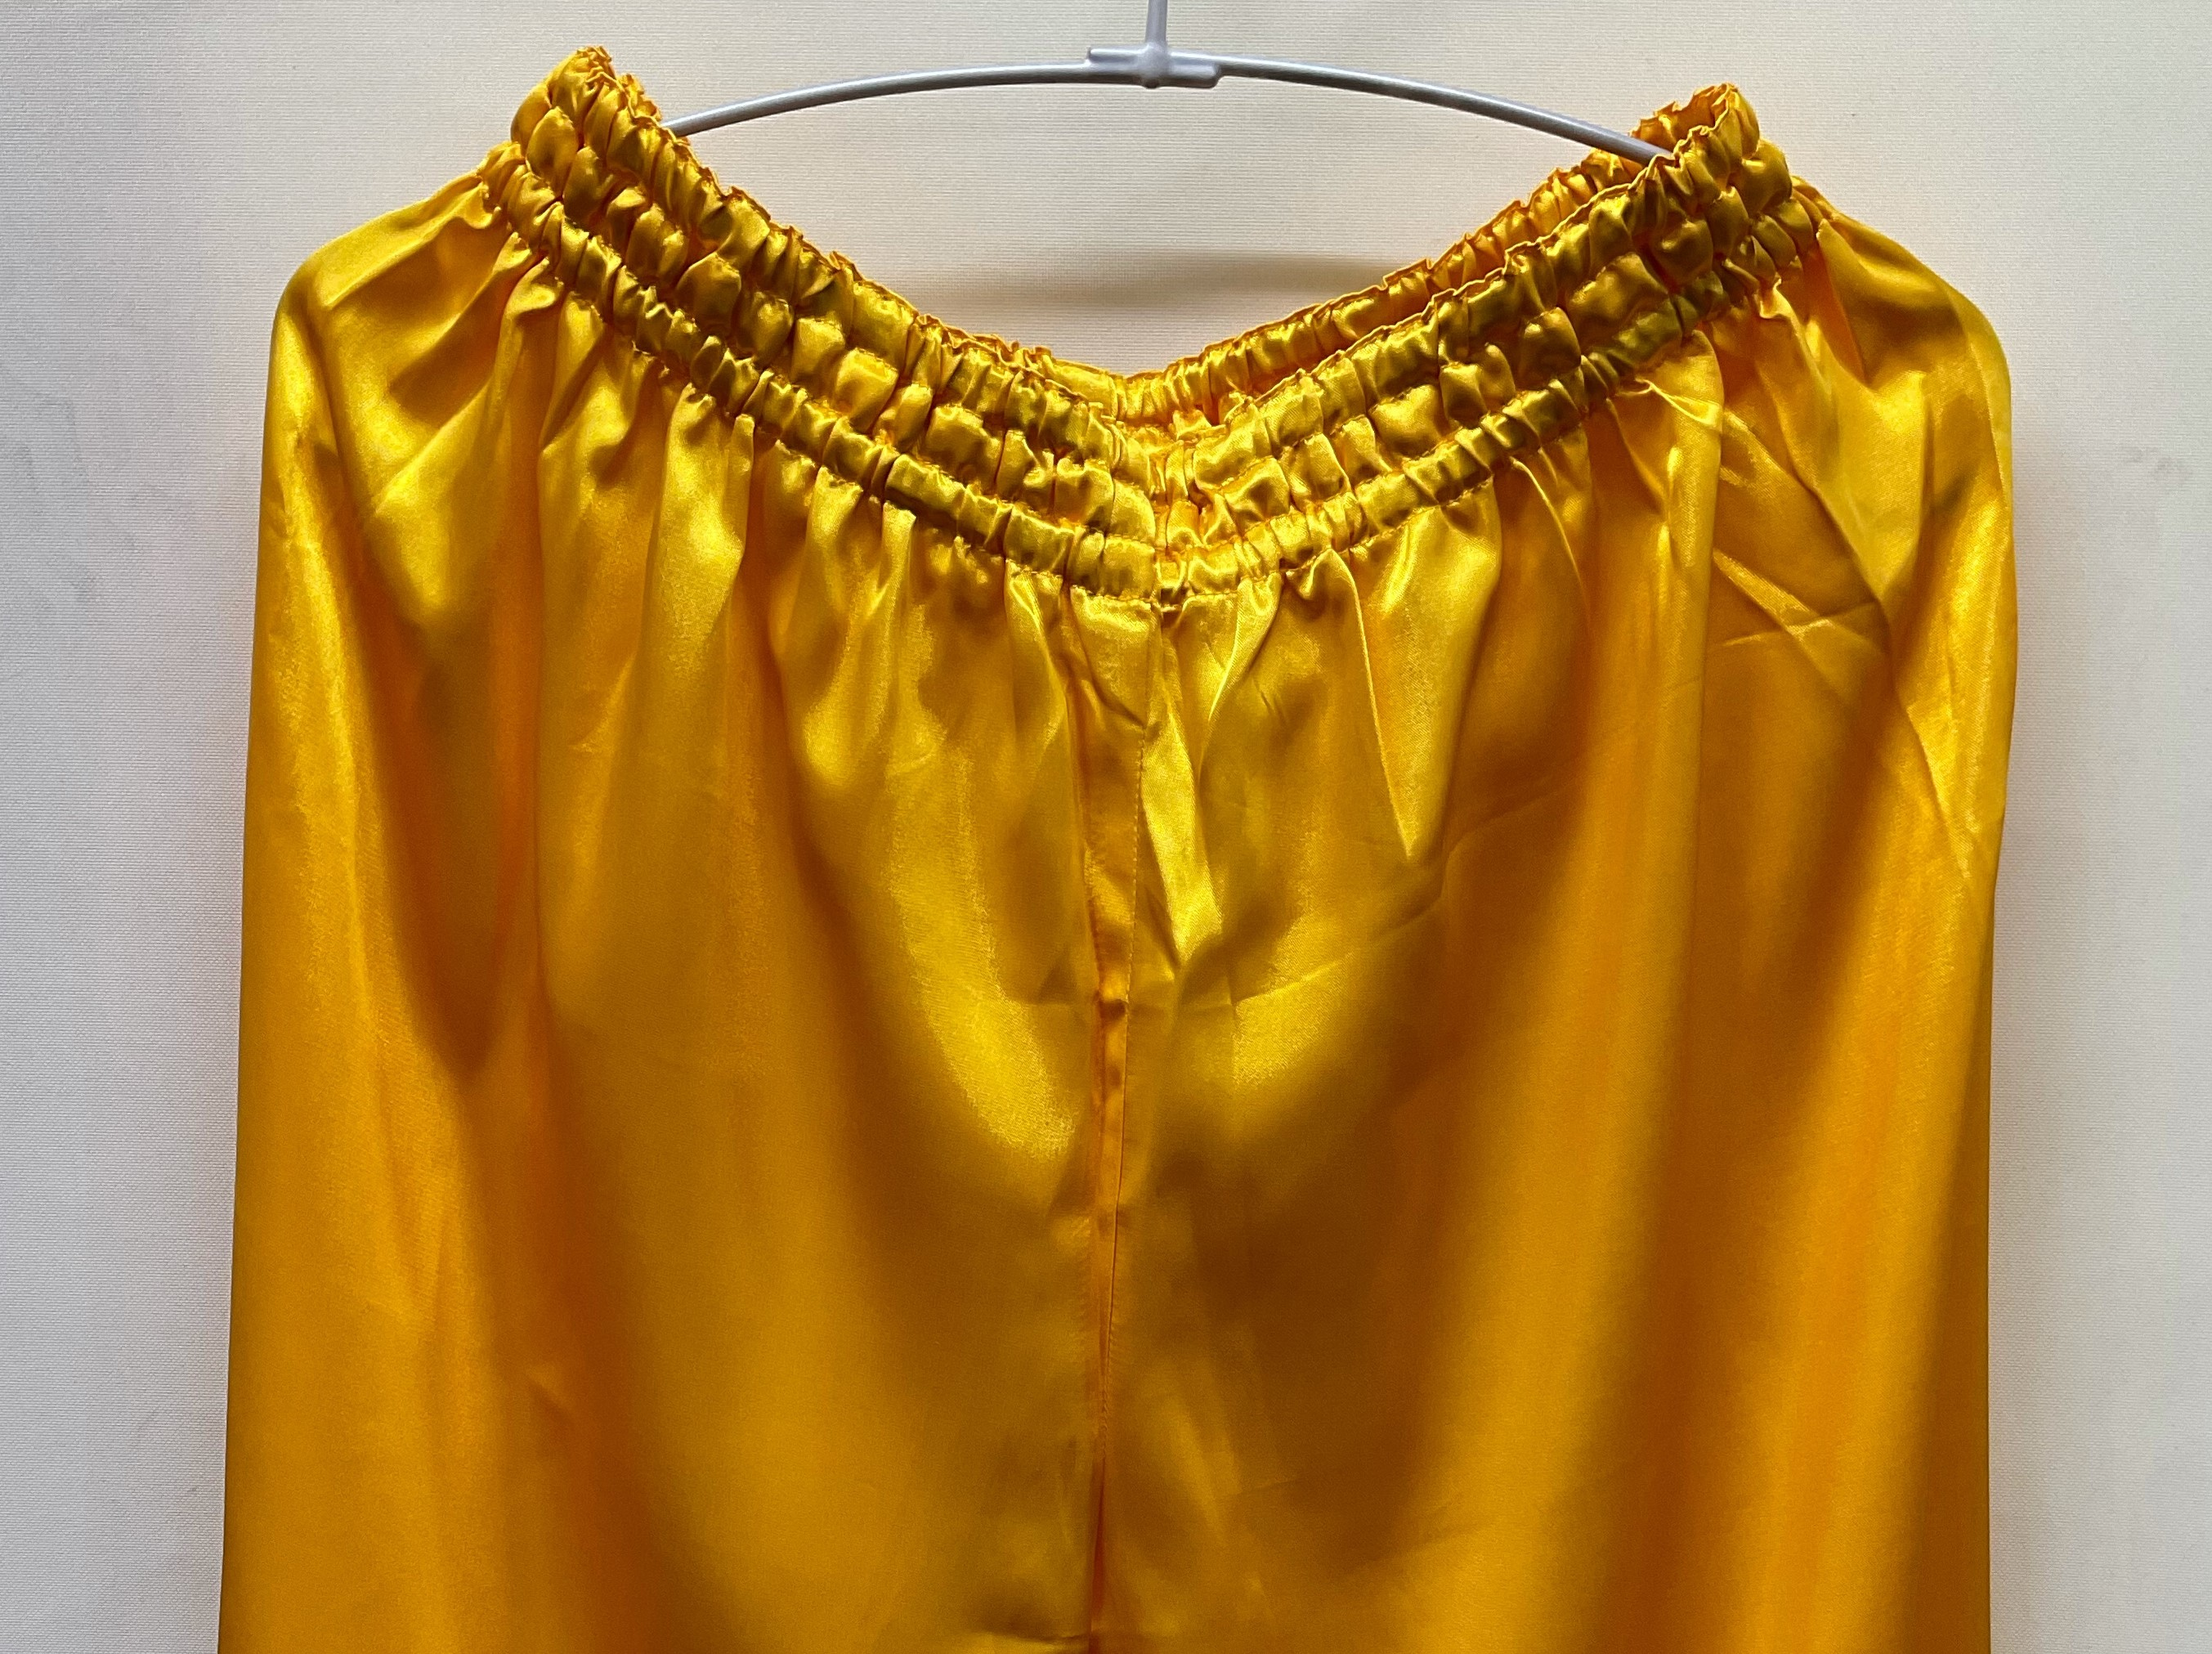 【ちょい傷特価】 サテン太極拳パンツ 黄色